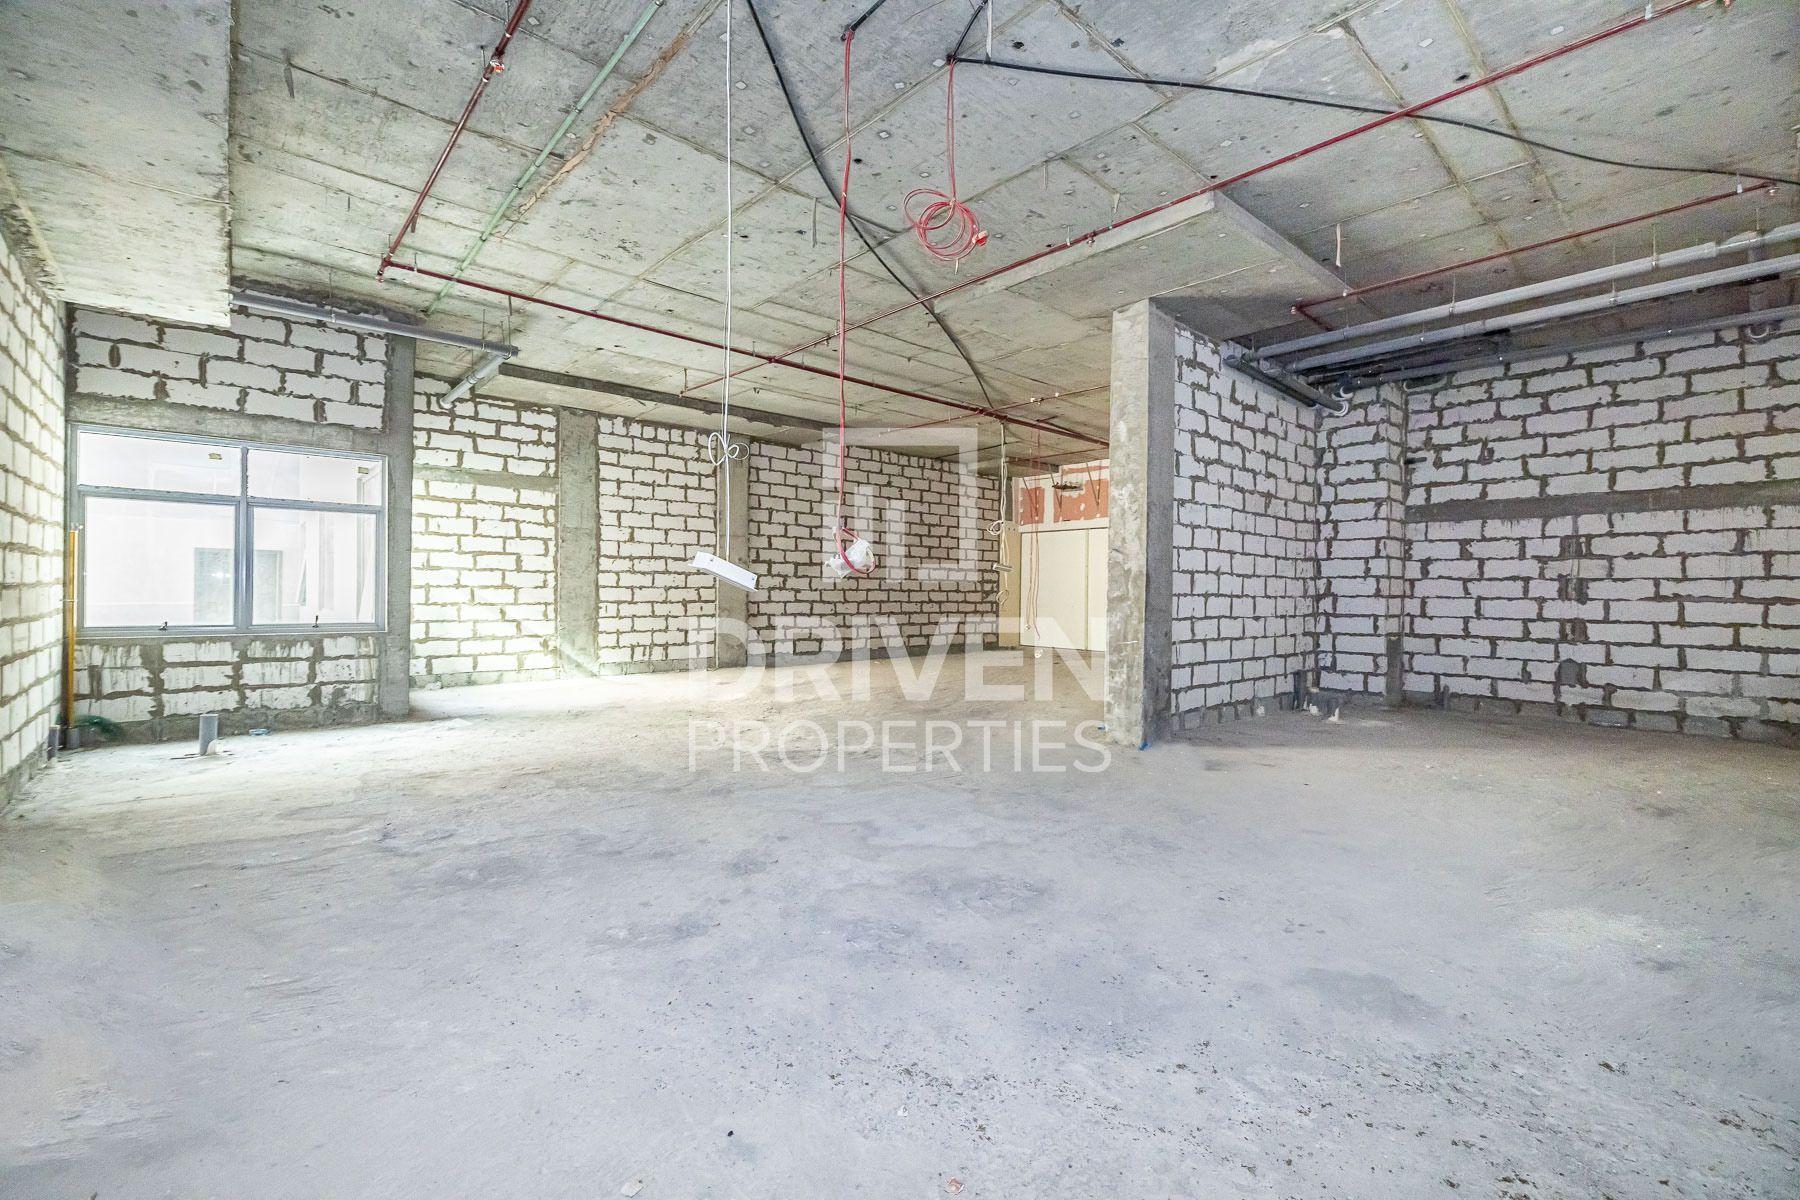 2,056 قدم مربع  تجزئة - للايجار - مجمع دبي للإستثمار